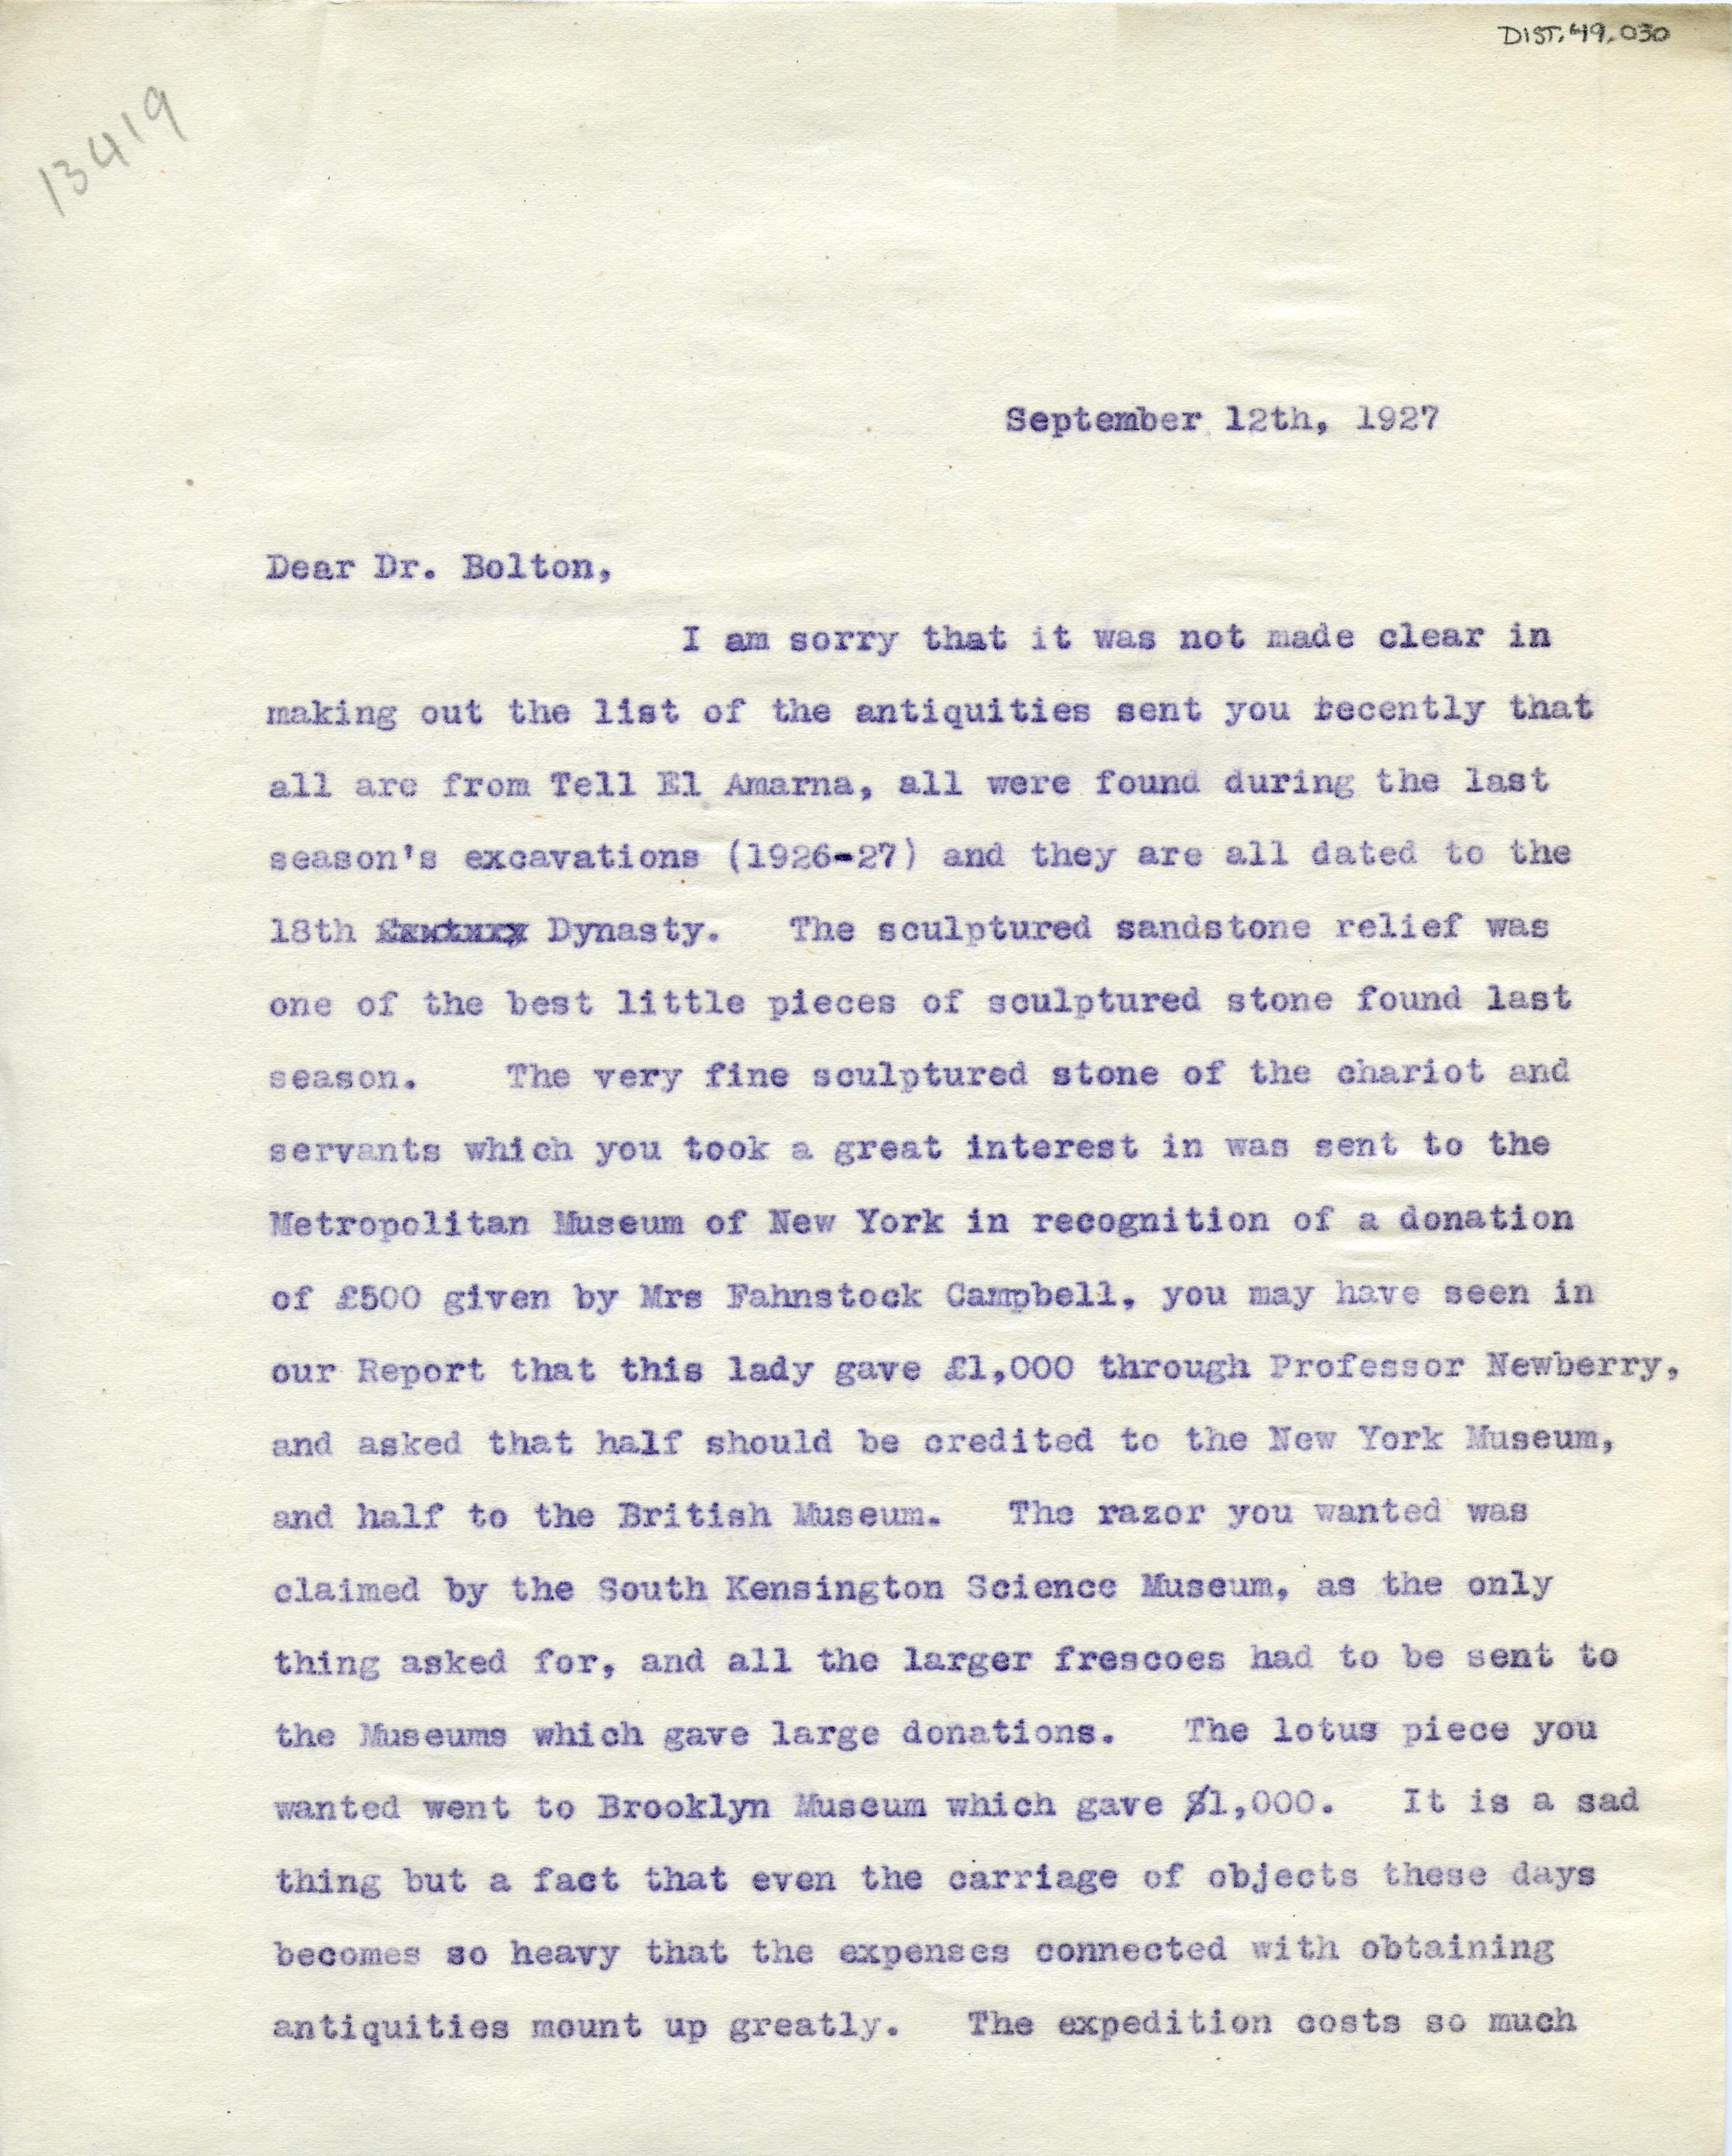 1926-27 el-Amarna DIST.49.030a